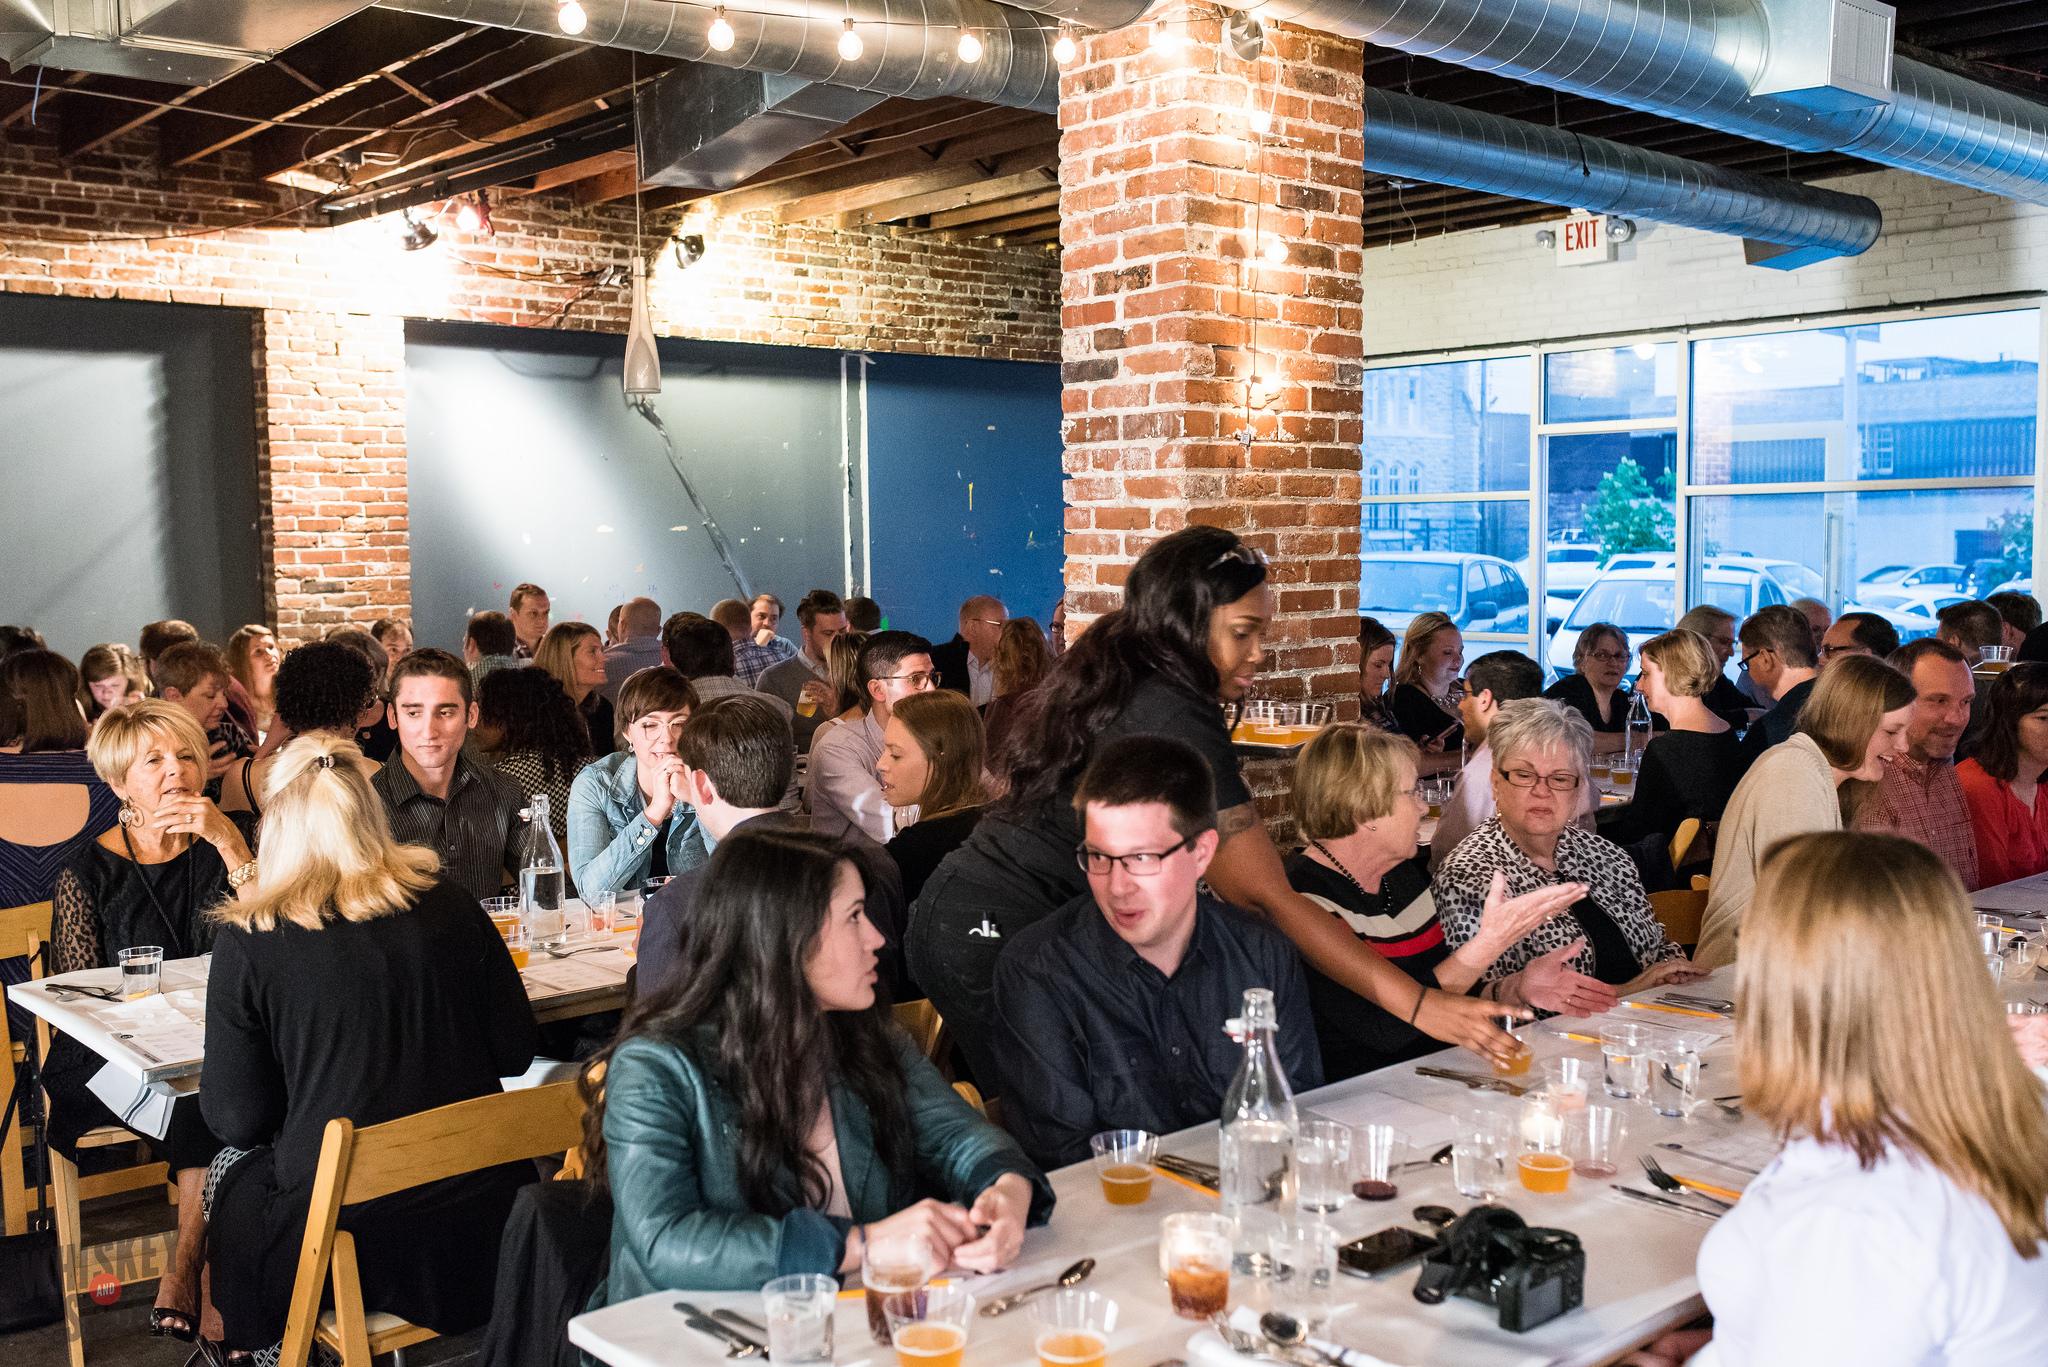 Diners at Russ Bodner's Dinner Lab